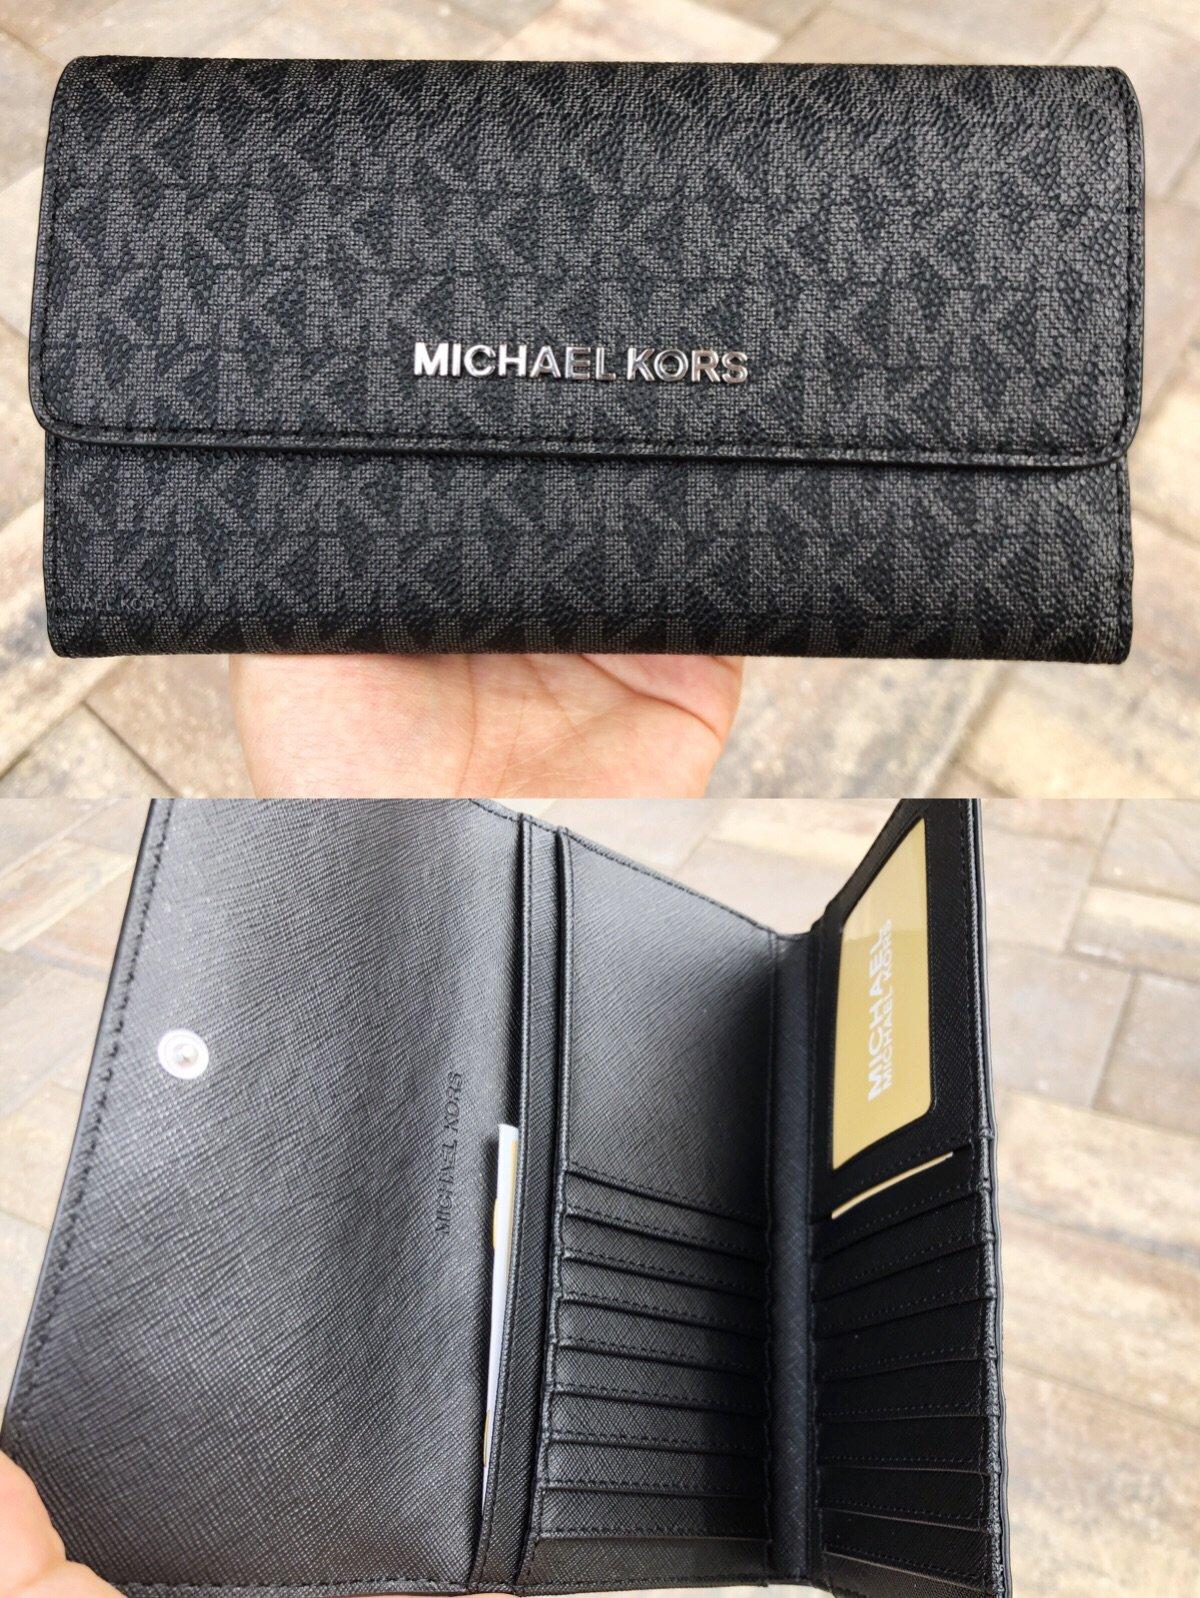 8d8c4fe16cf1 Details about Michael Kors Jet Set Travel Large Trifold Wallet Black  Signature MK